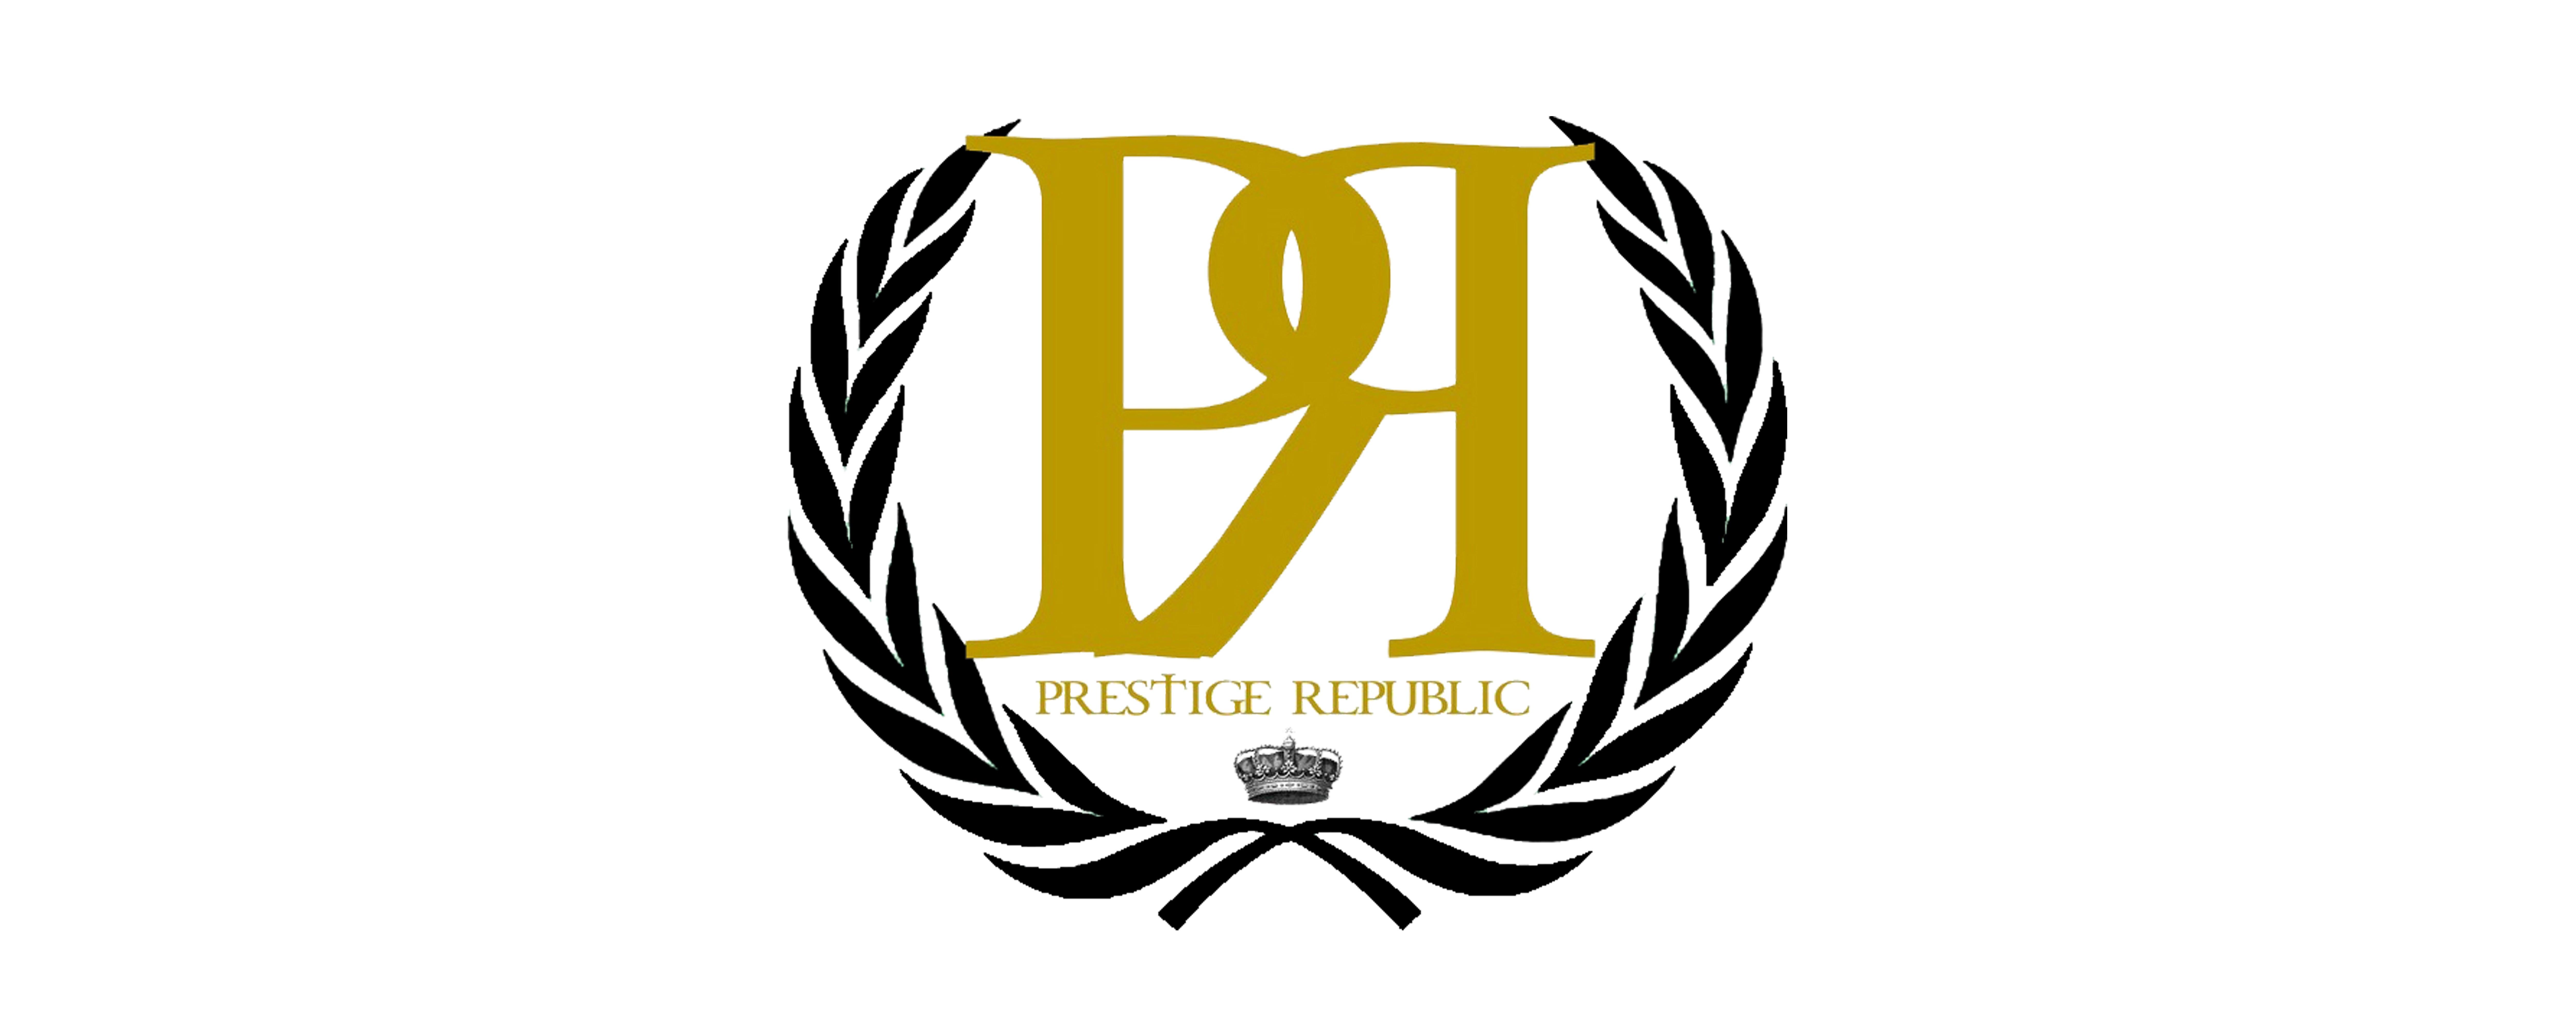 Prestige Republic